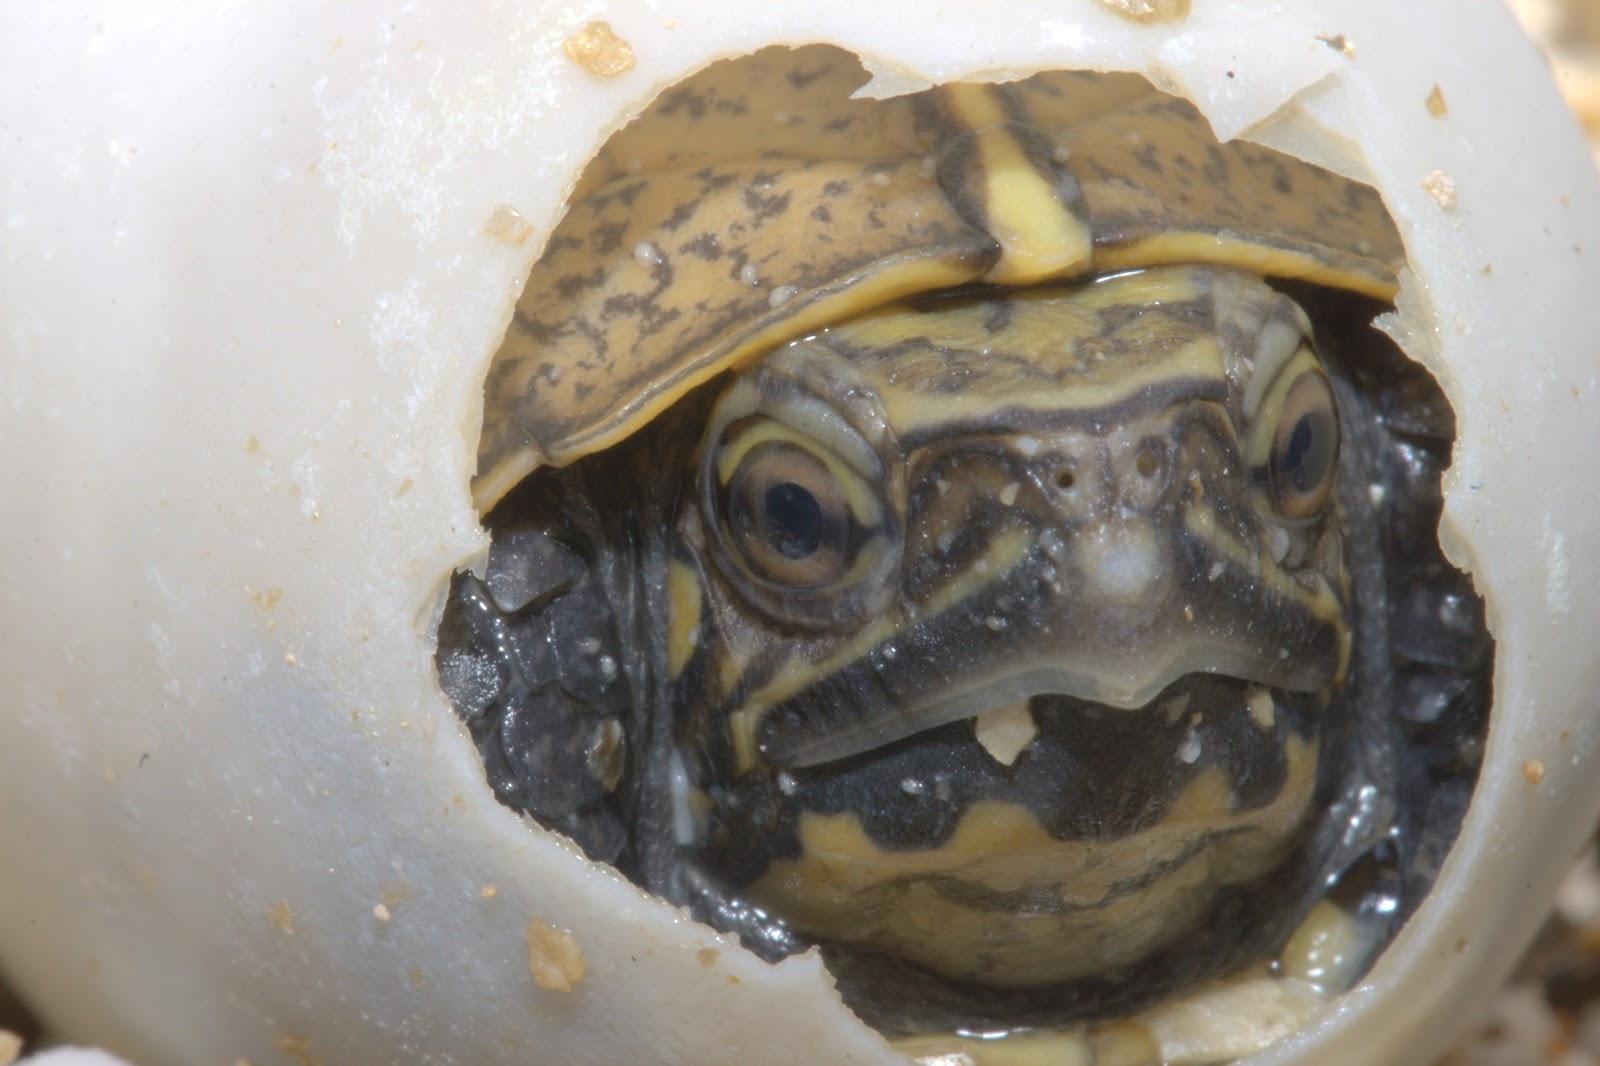 ... Aquarium Blog: Keeled box turtle hatches at the Tennessee Aquarium